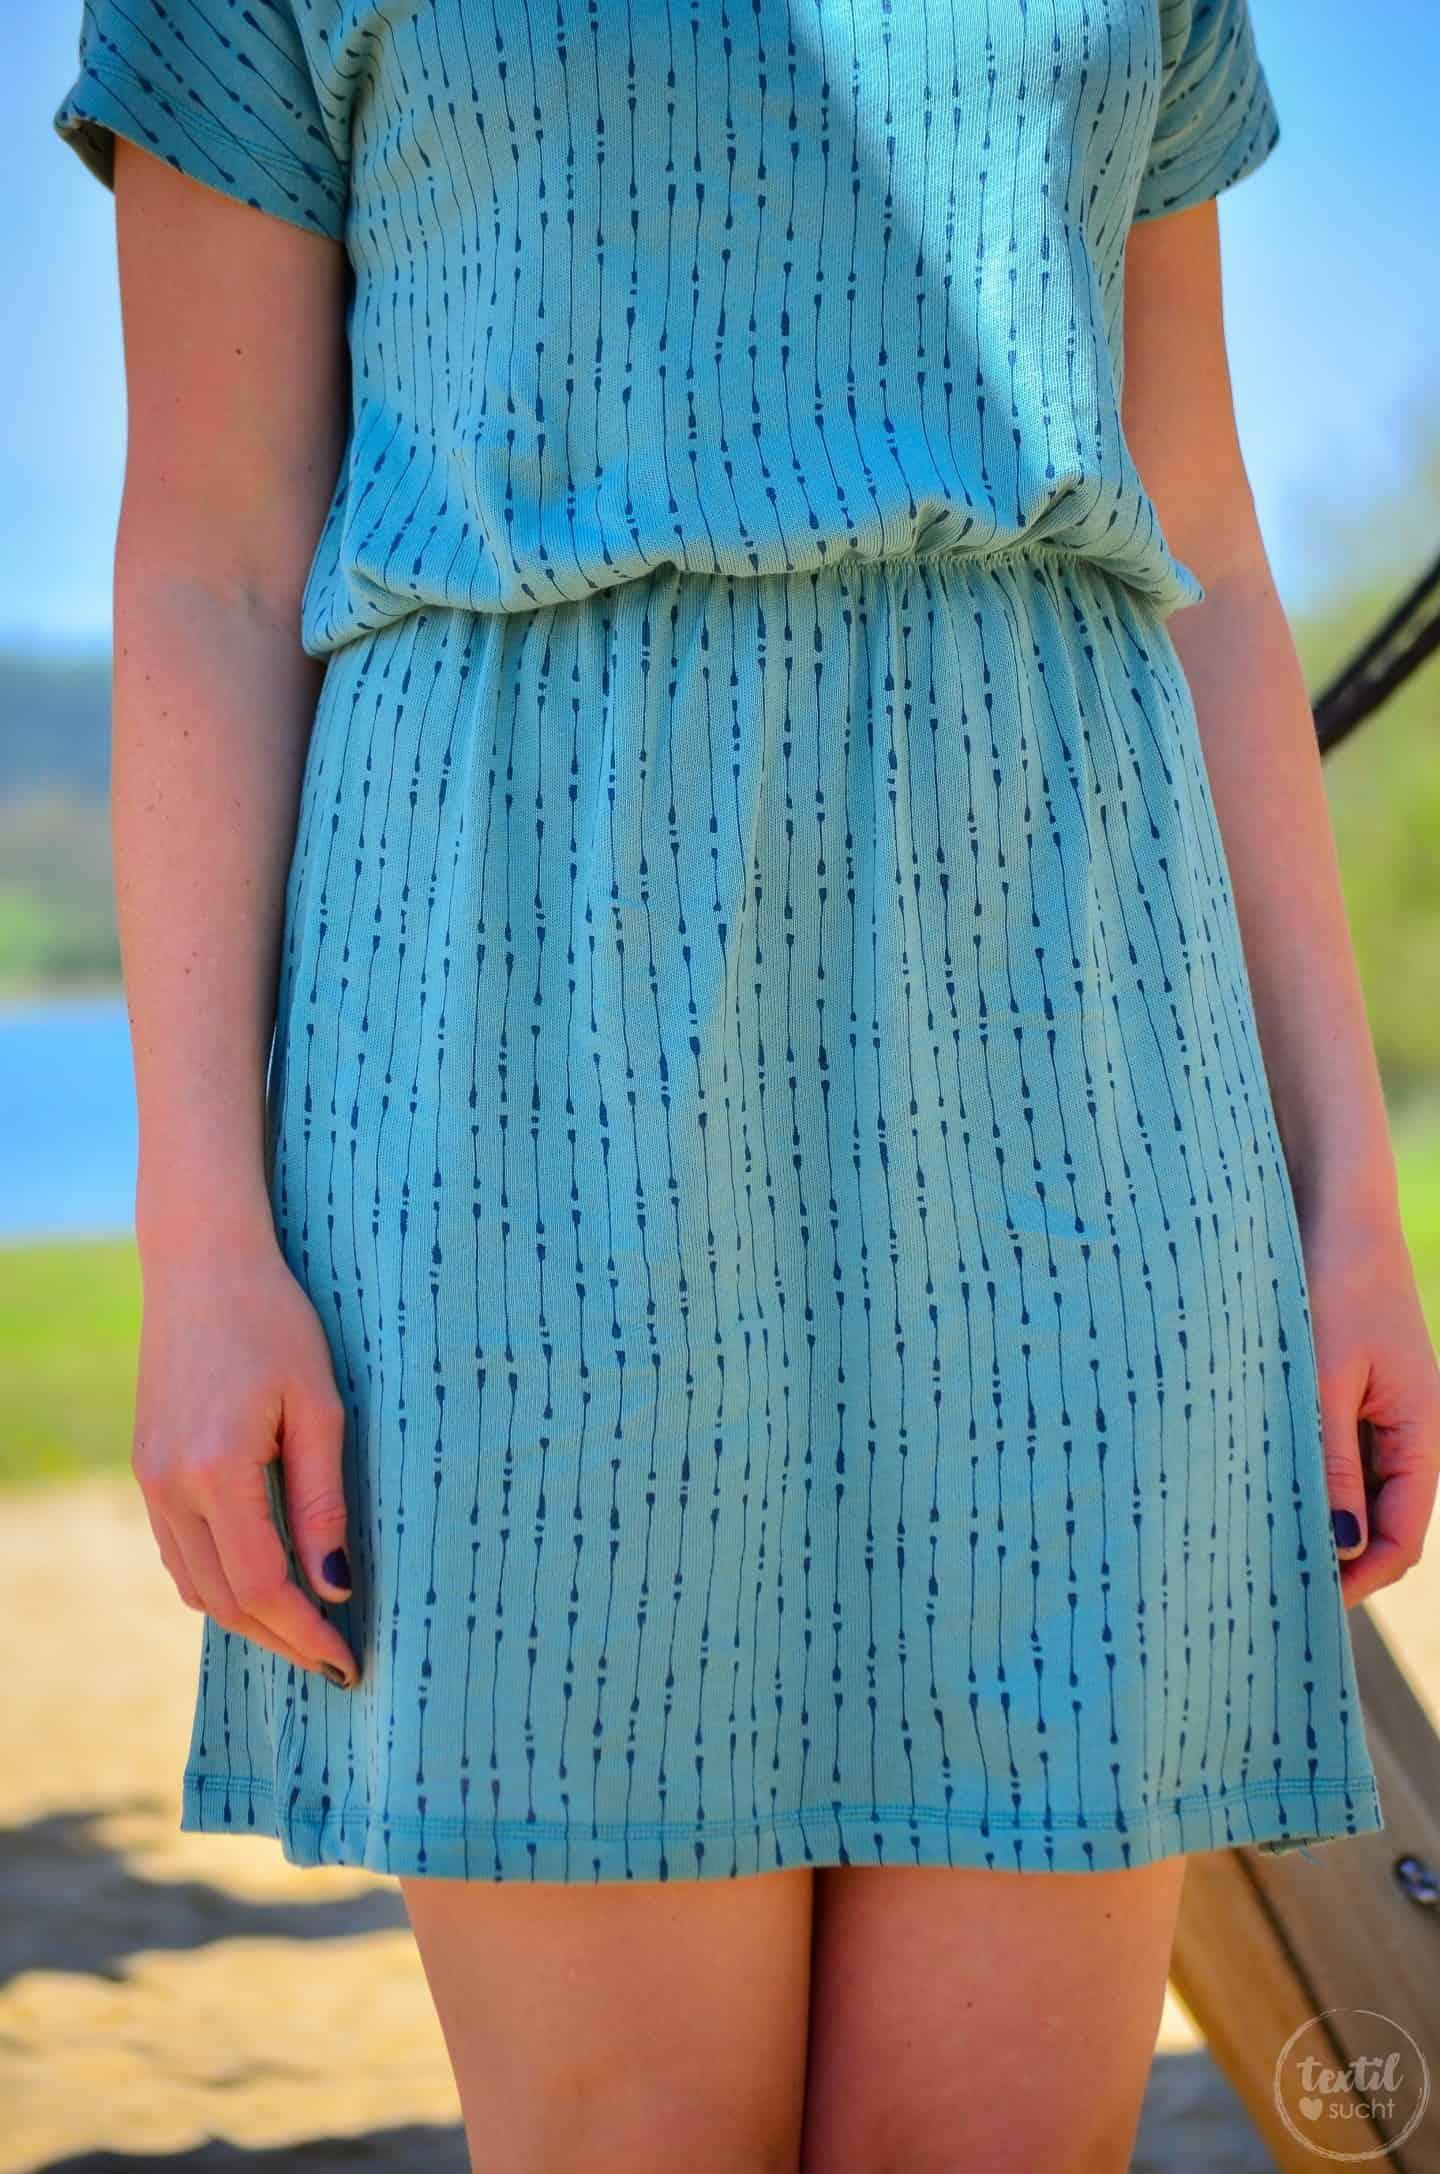 Schnittmuster Shirt Lilla: Kleid mit U-Boot Ausschnitt nähen - Bild 3 | textilsucht.de